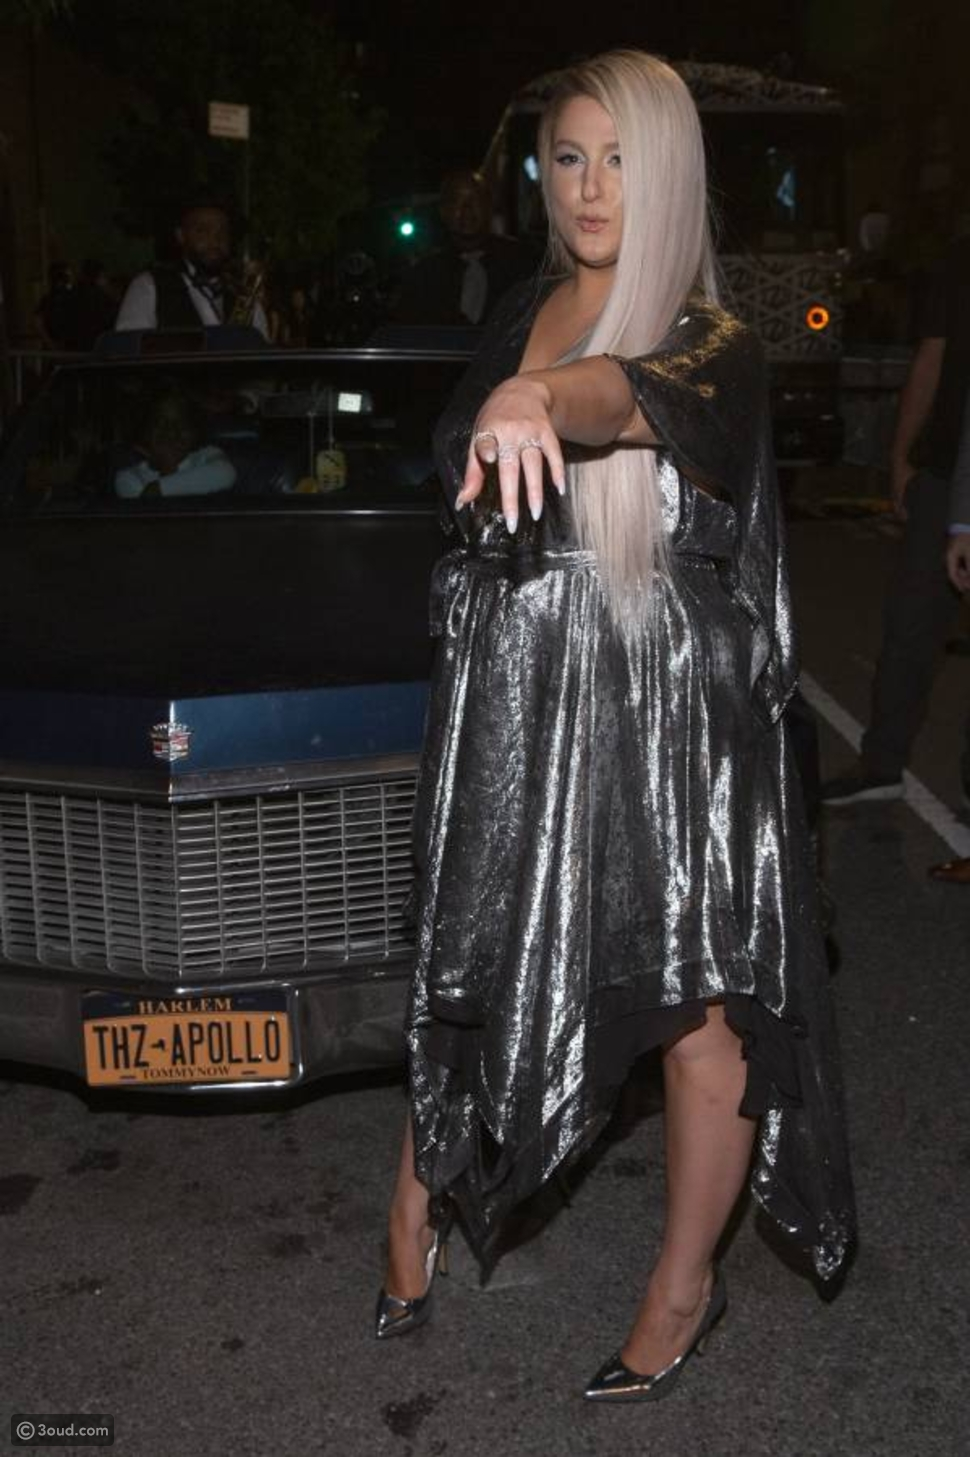 من حضر عروض أسبوع الموضة في نيويورك؟